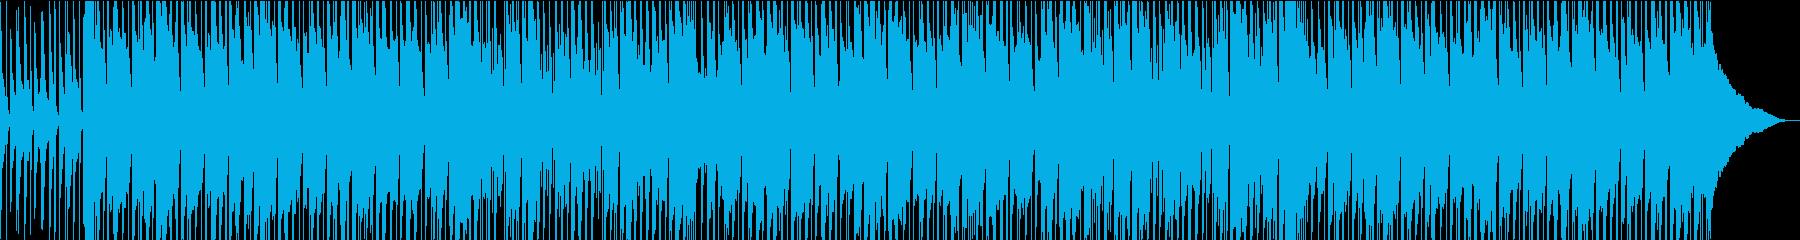 ウクレレほのぼのPOP(オケ)の再生済みの波形